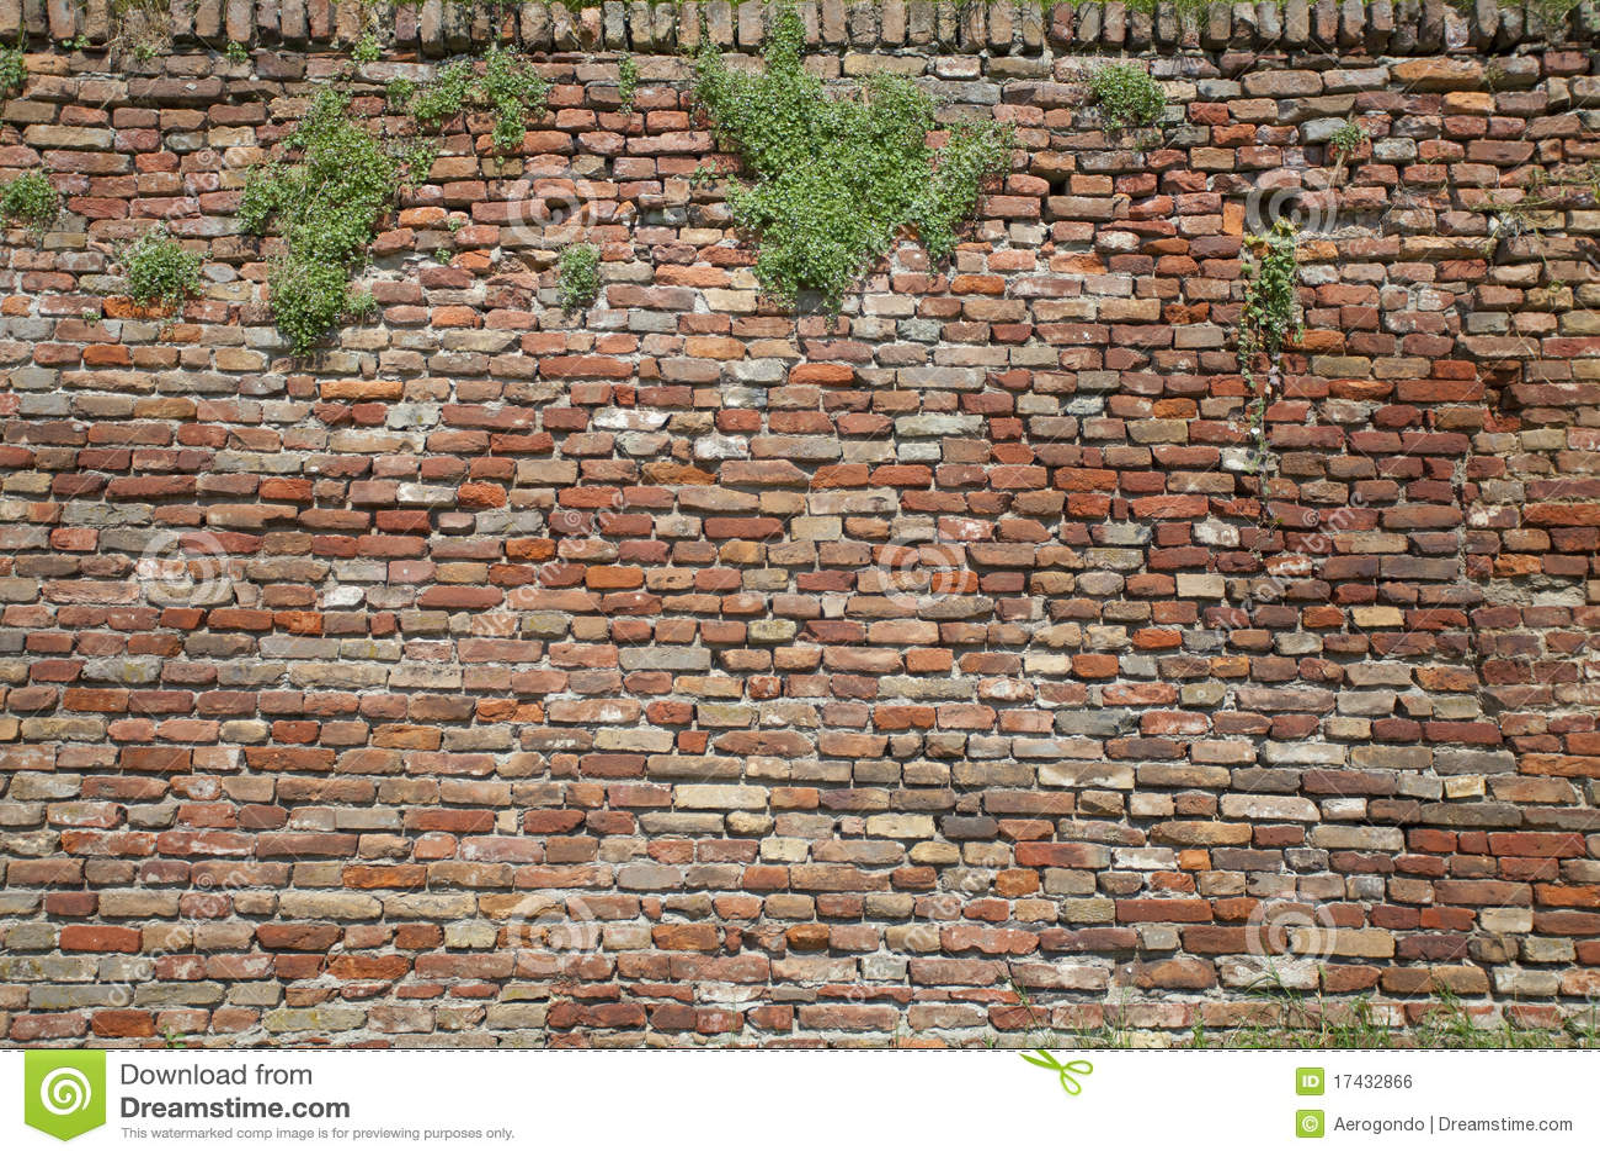 Old Brick Wall Royalty Free Stock Image Image 17432866